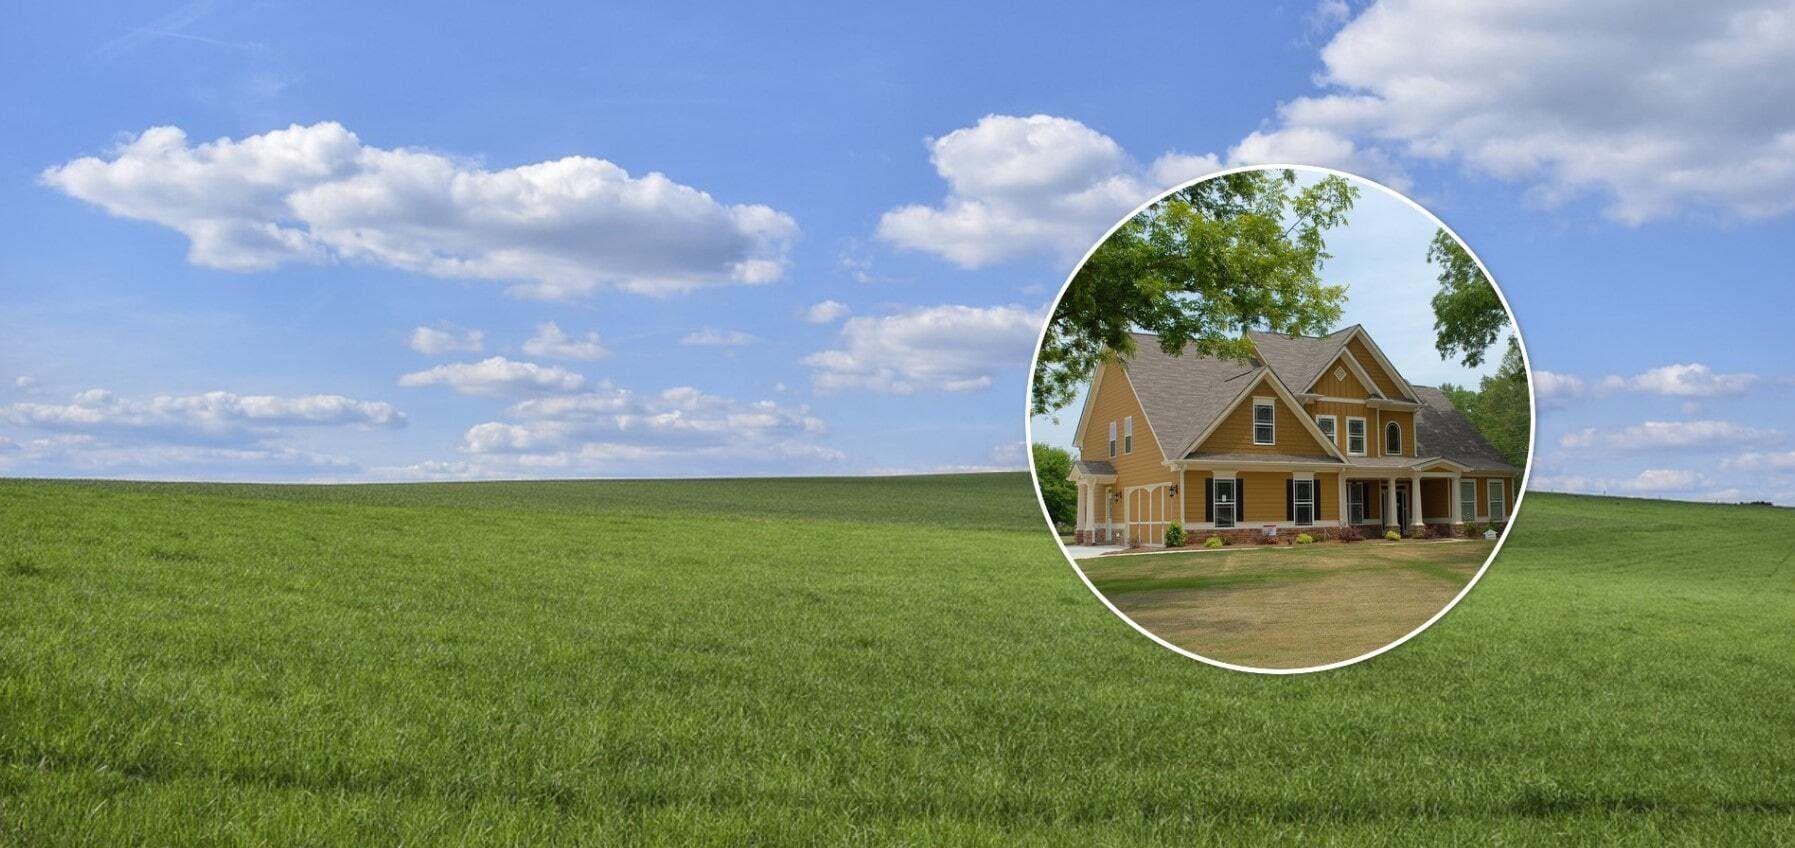 Как построить собственное жилье. Советы